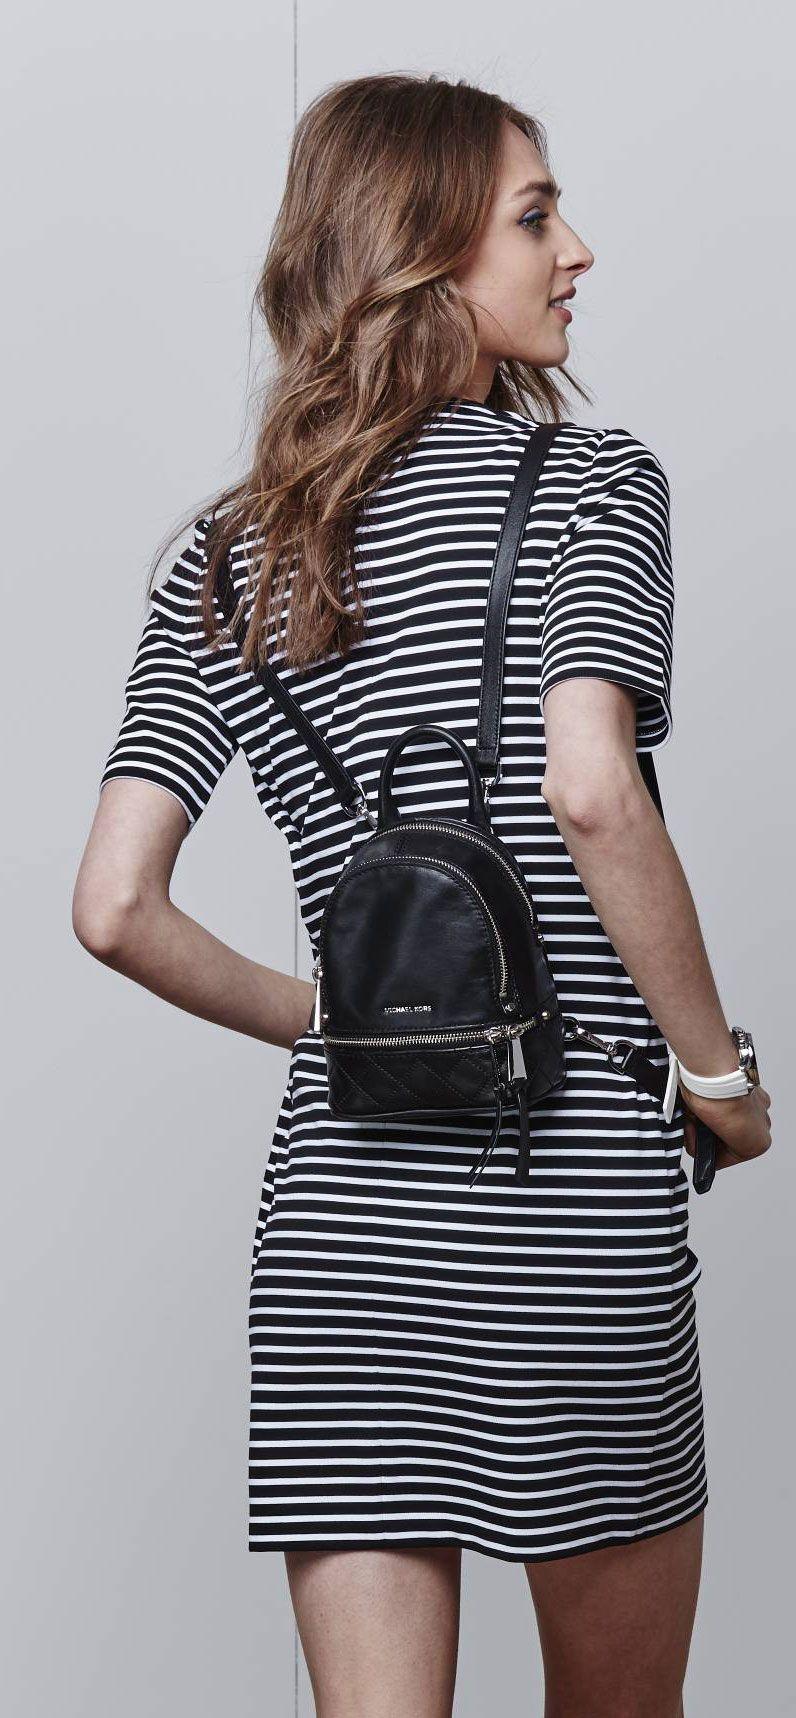 b3c7348f4b9a7 Buy mk mini backpack   OFF56% Discounted